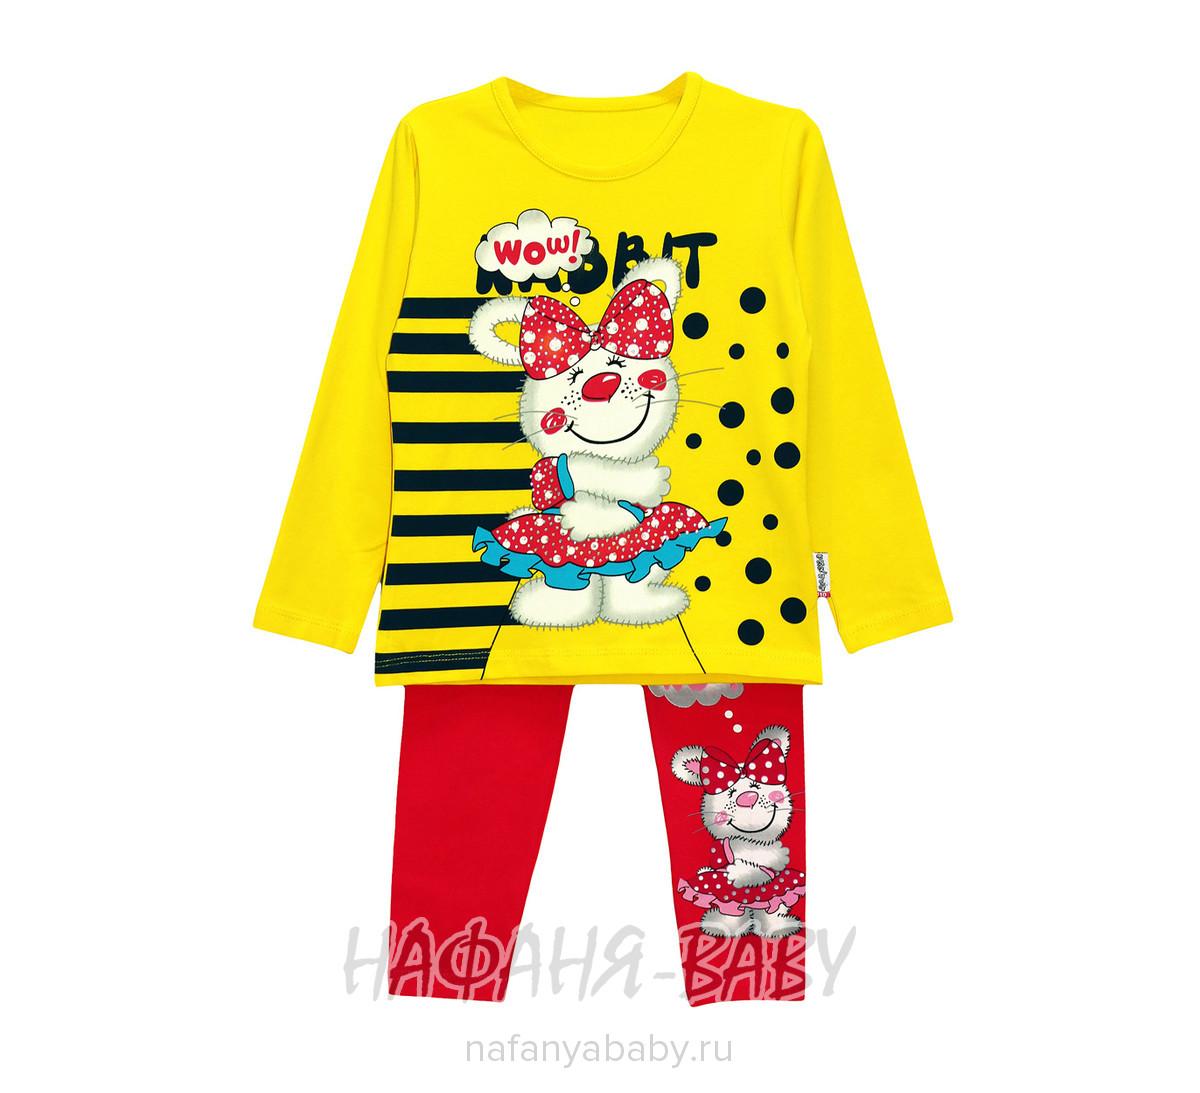 Детский костюм UNRULY арт: 5178, 5-9 лет, 1-4 года, цвет персиковый с темно-синим, оптом Турция